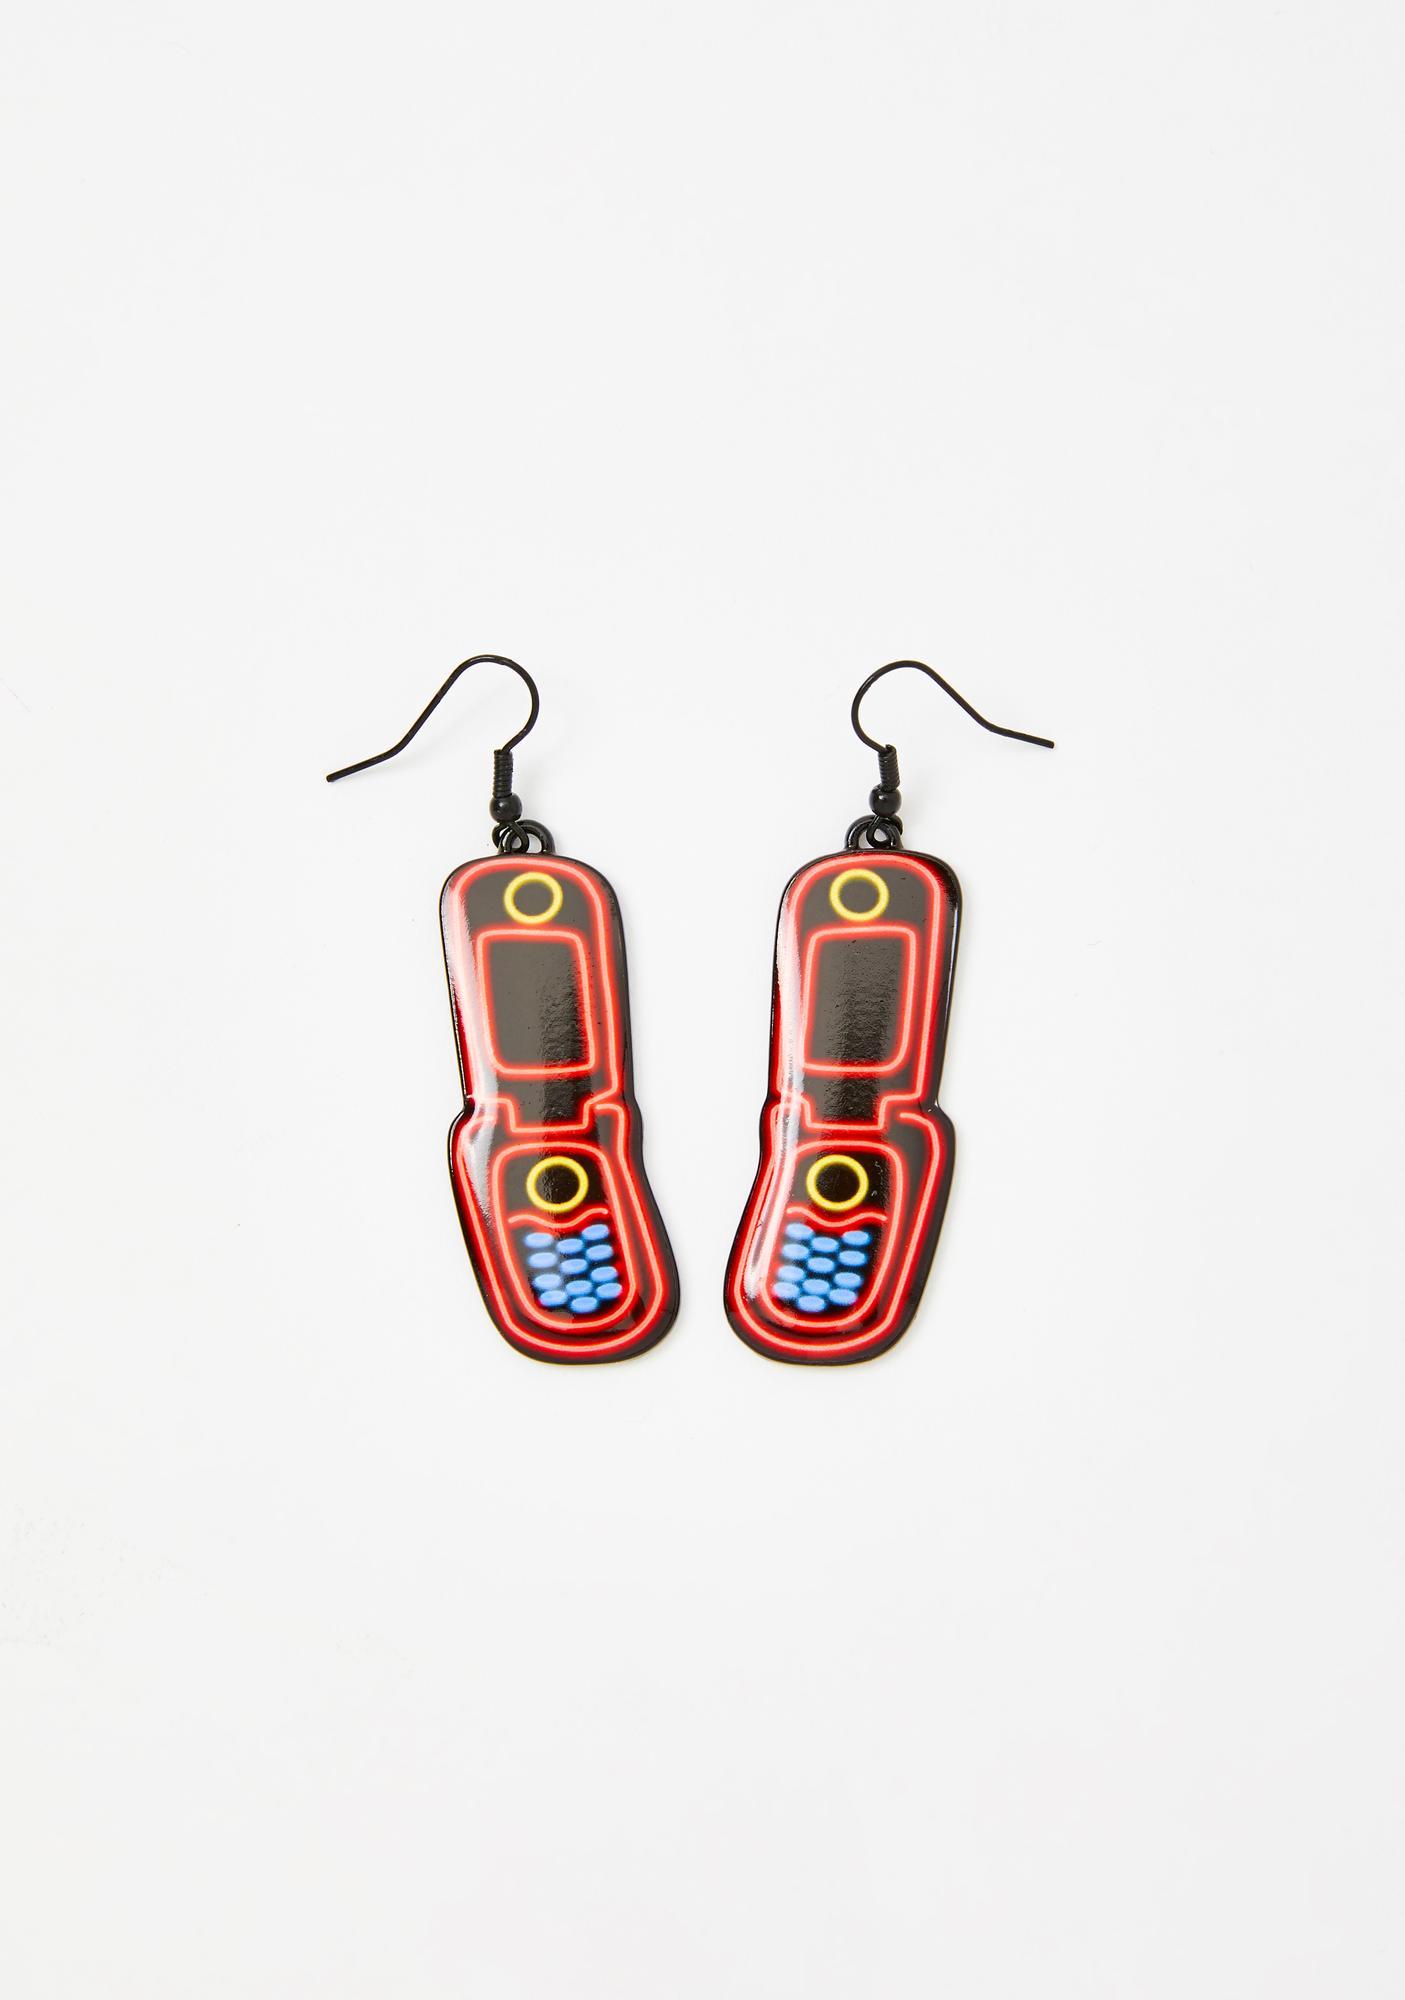 Read Receipts Phone Earrings